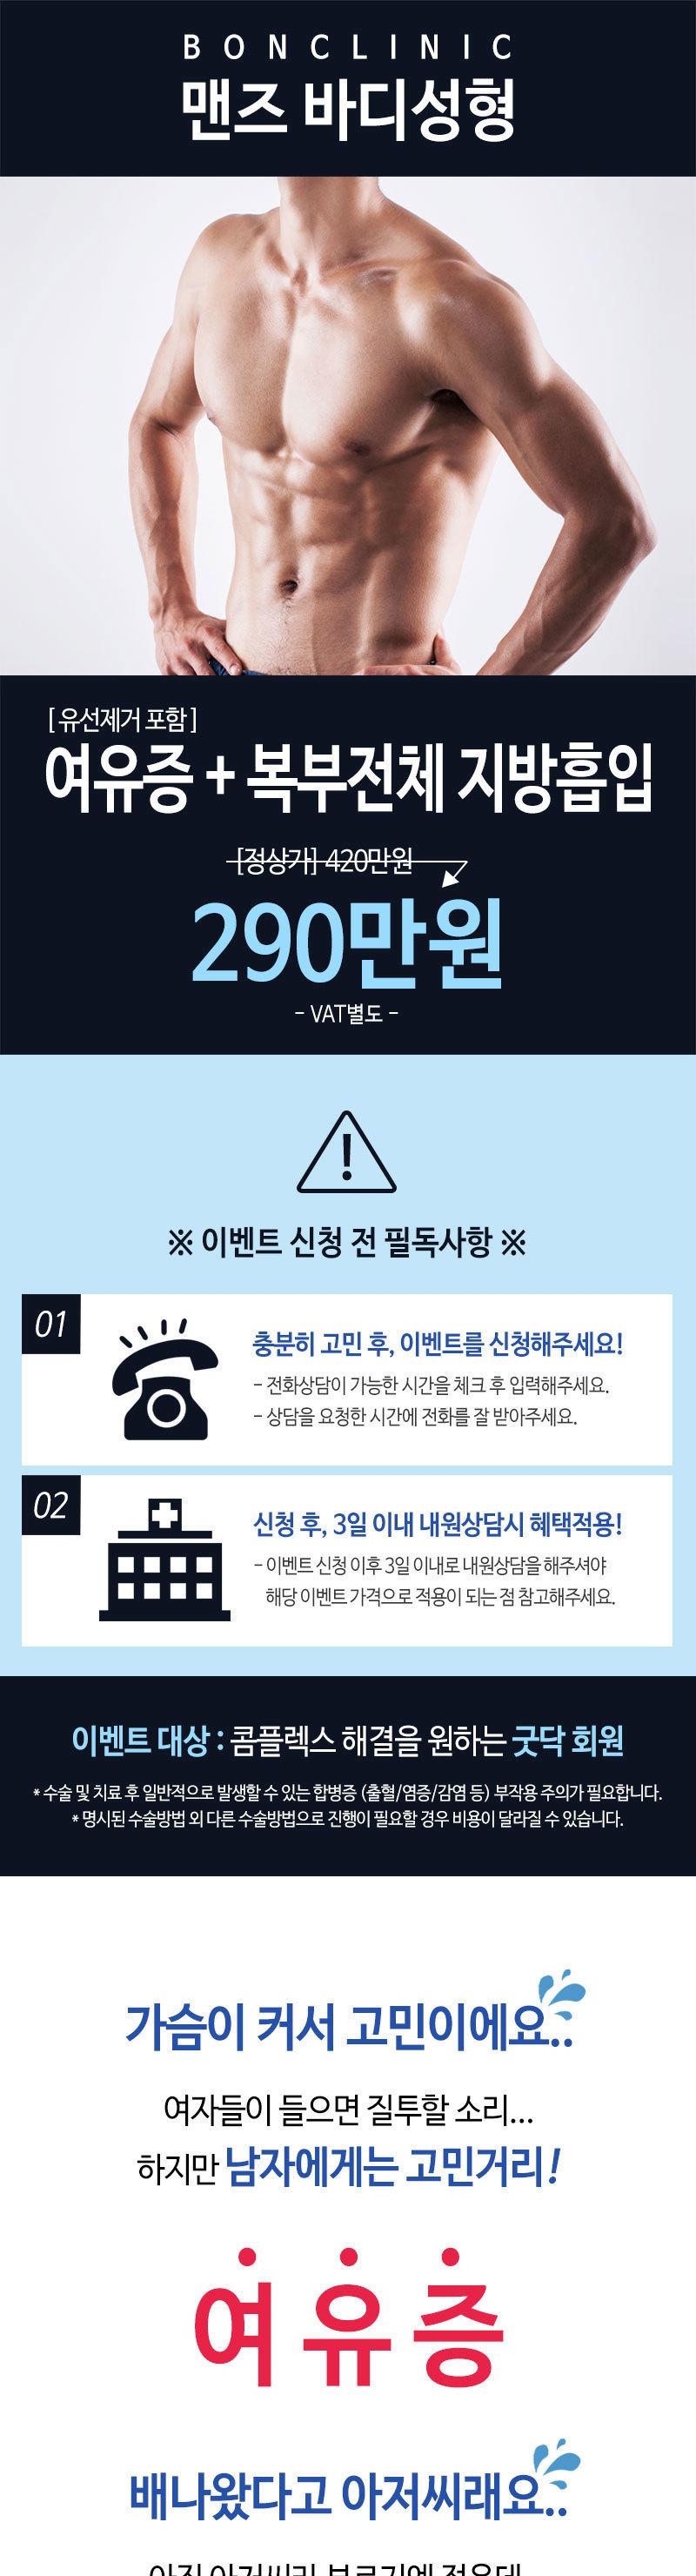 D event info eb48db074ef774ca85